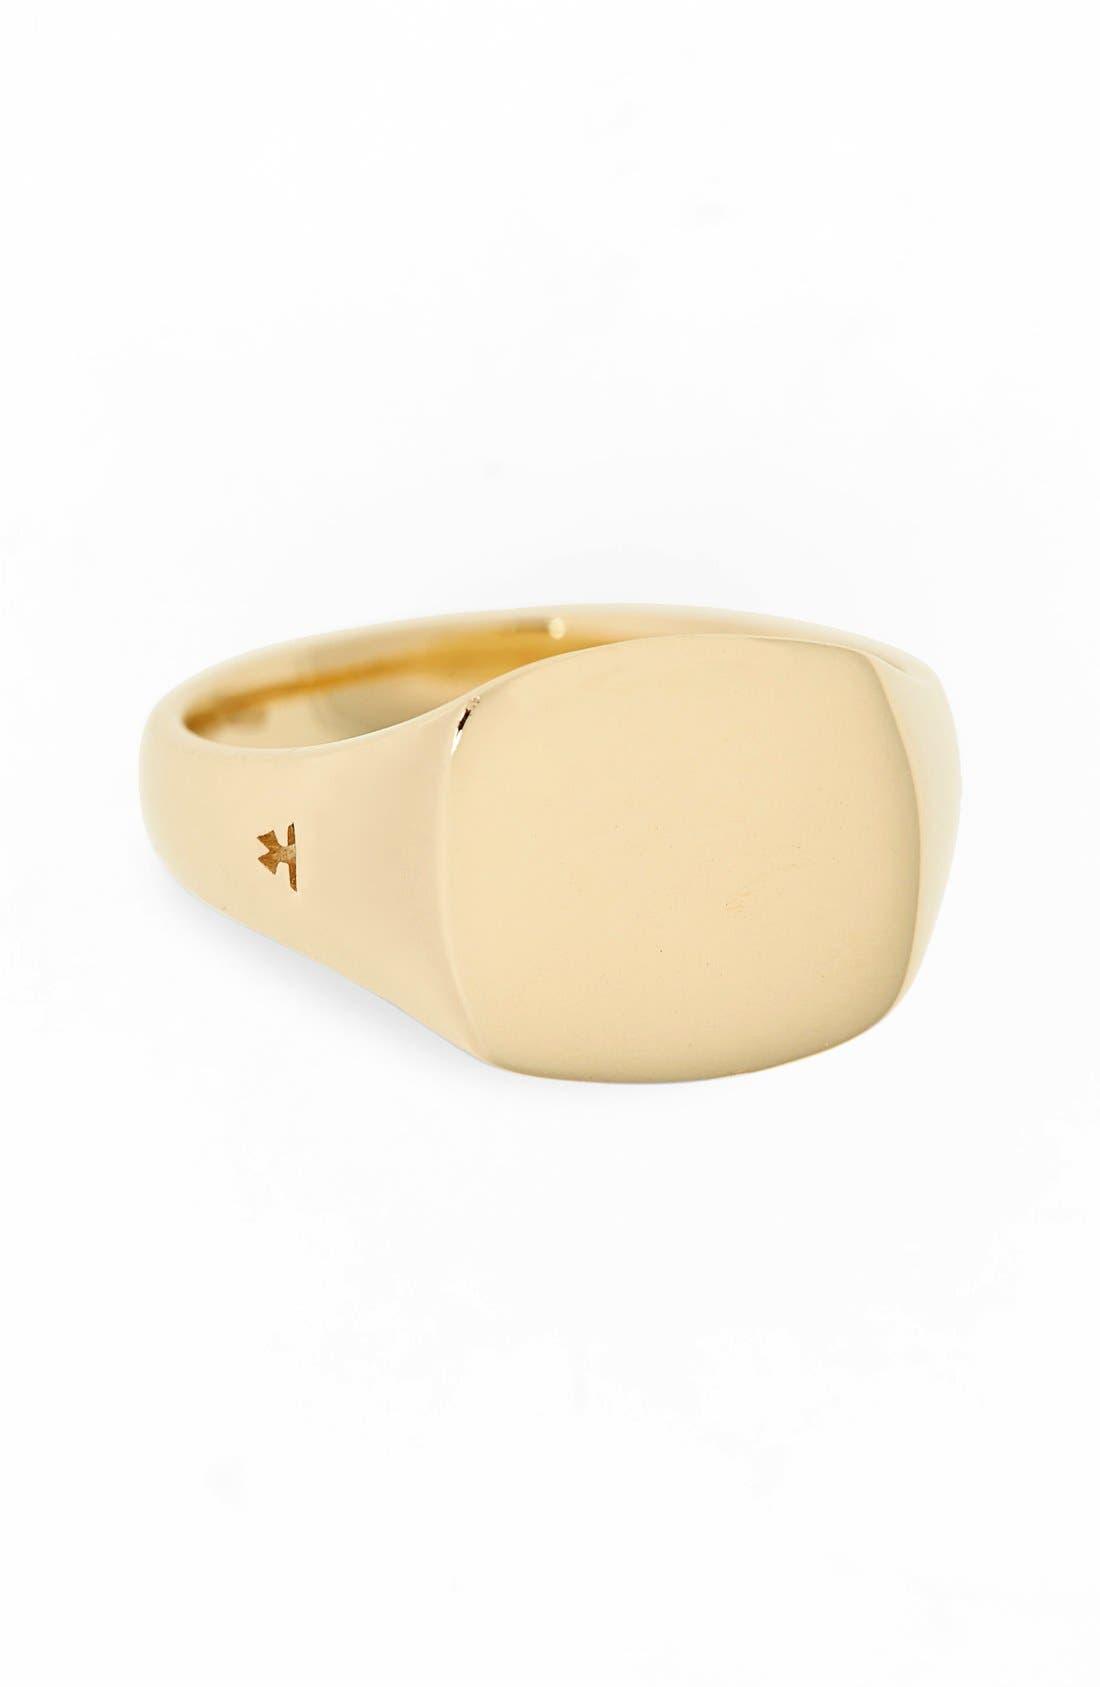 Tom Wood Mini Gold Cushion Signet Ring